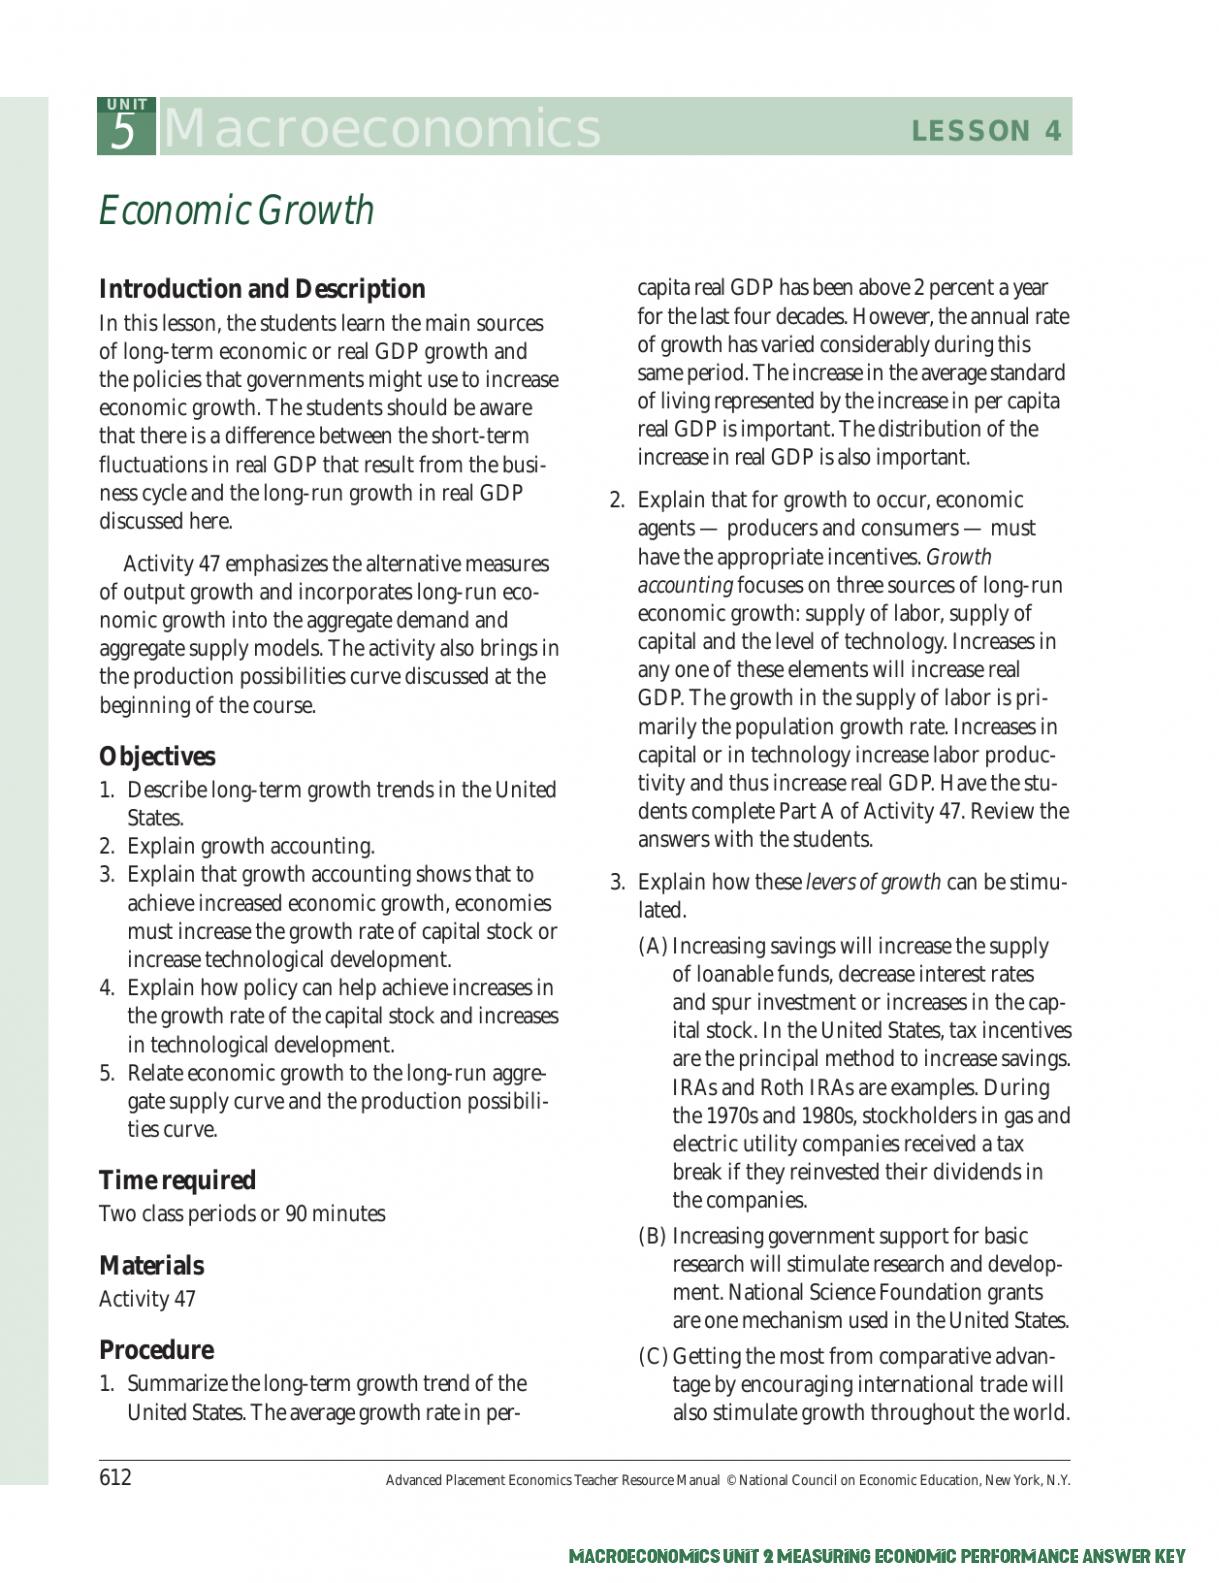 8 Facts About Macroeconomics Unit 8 Measuring Economic ...